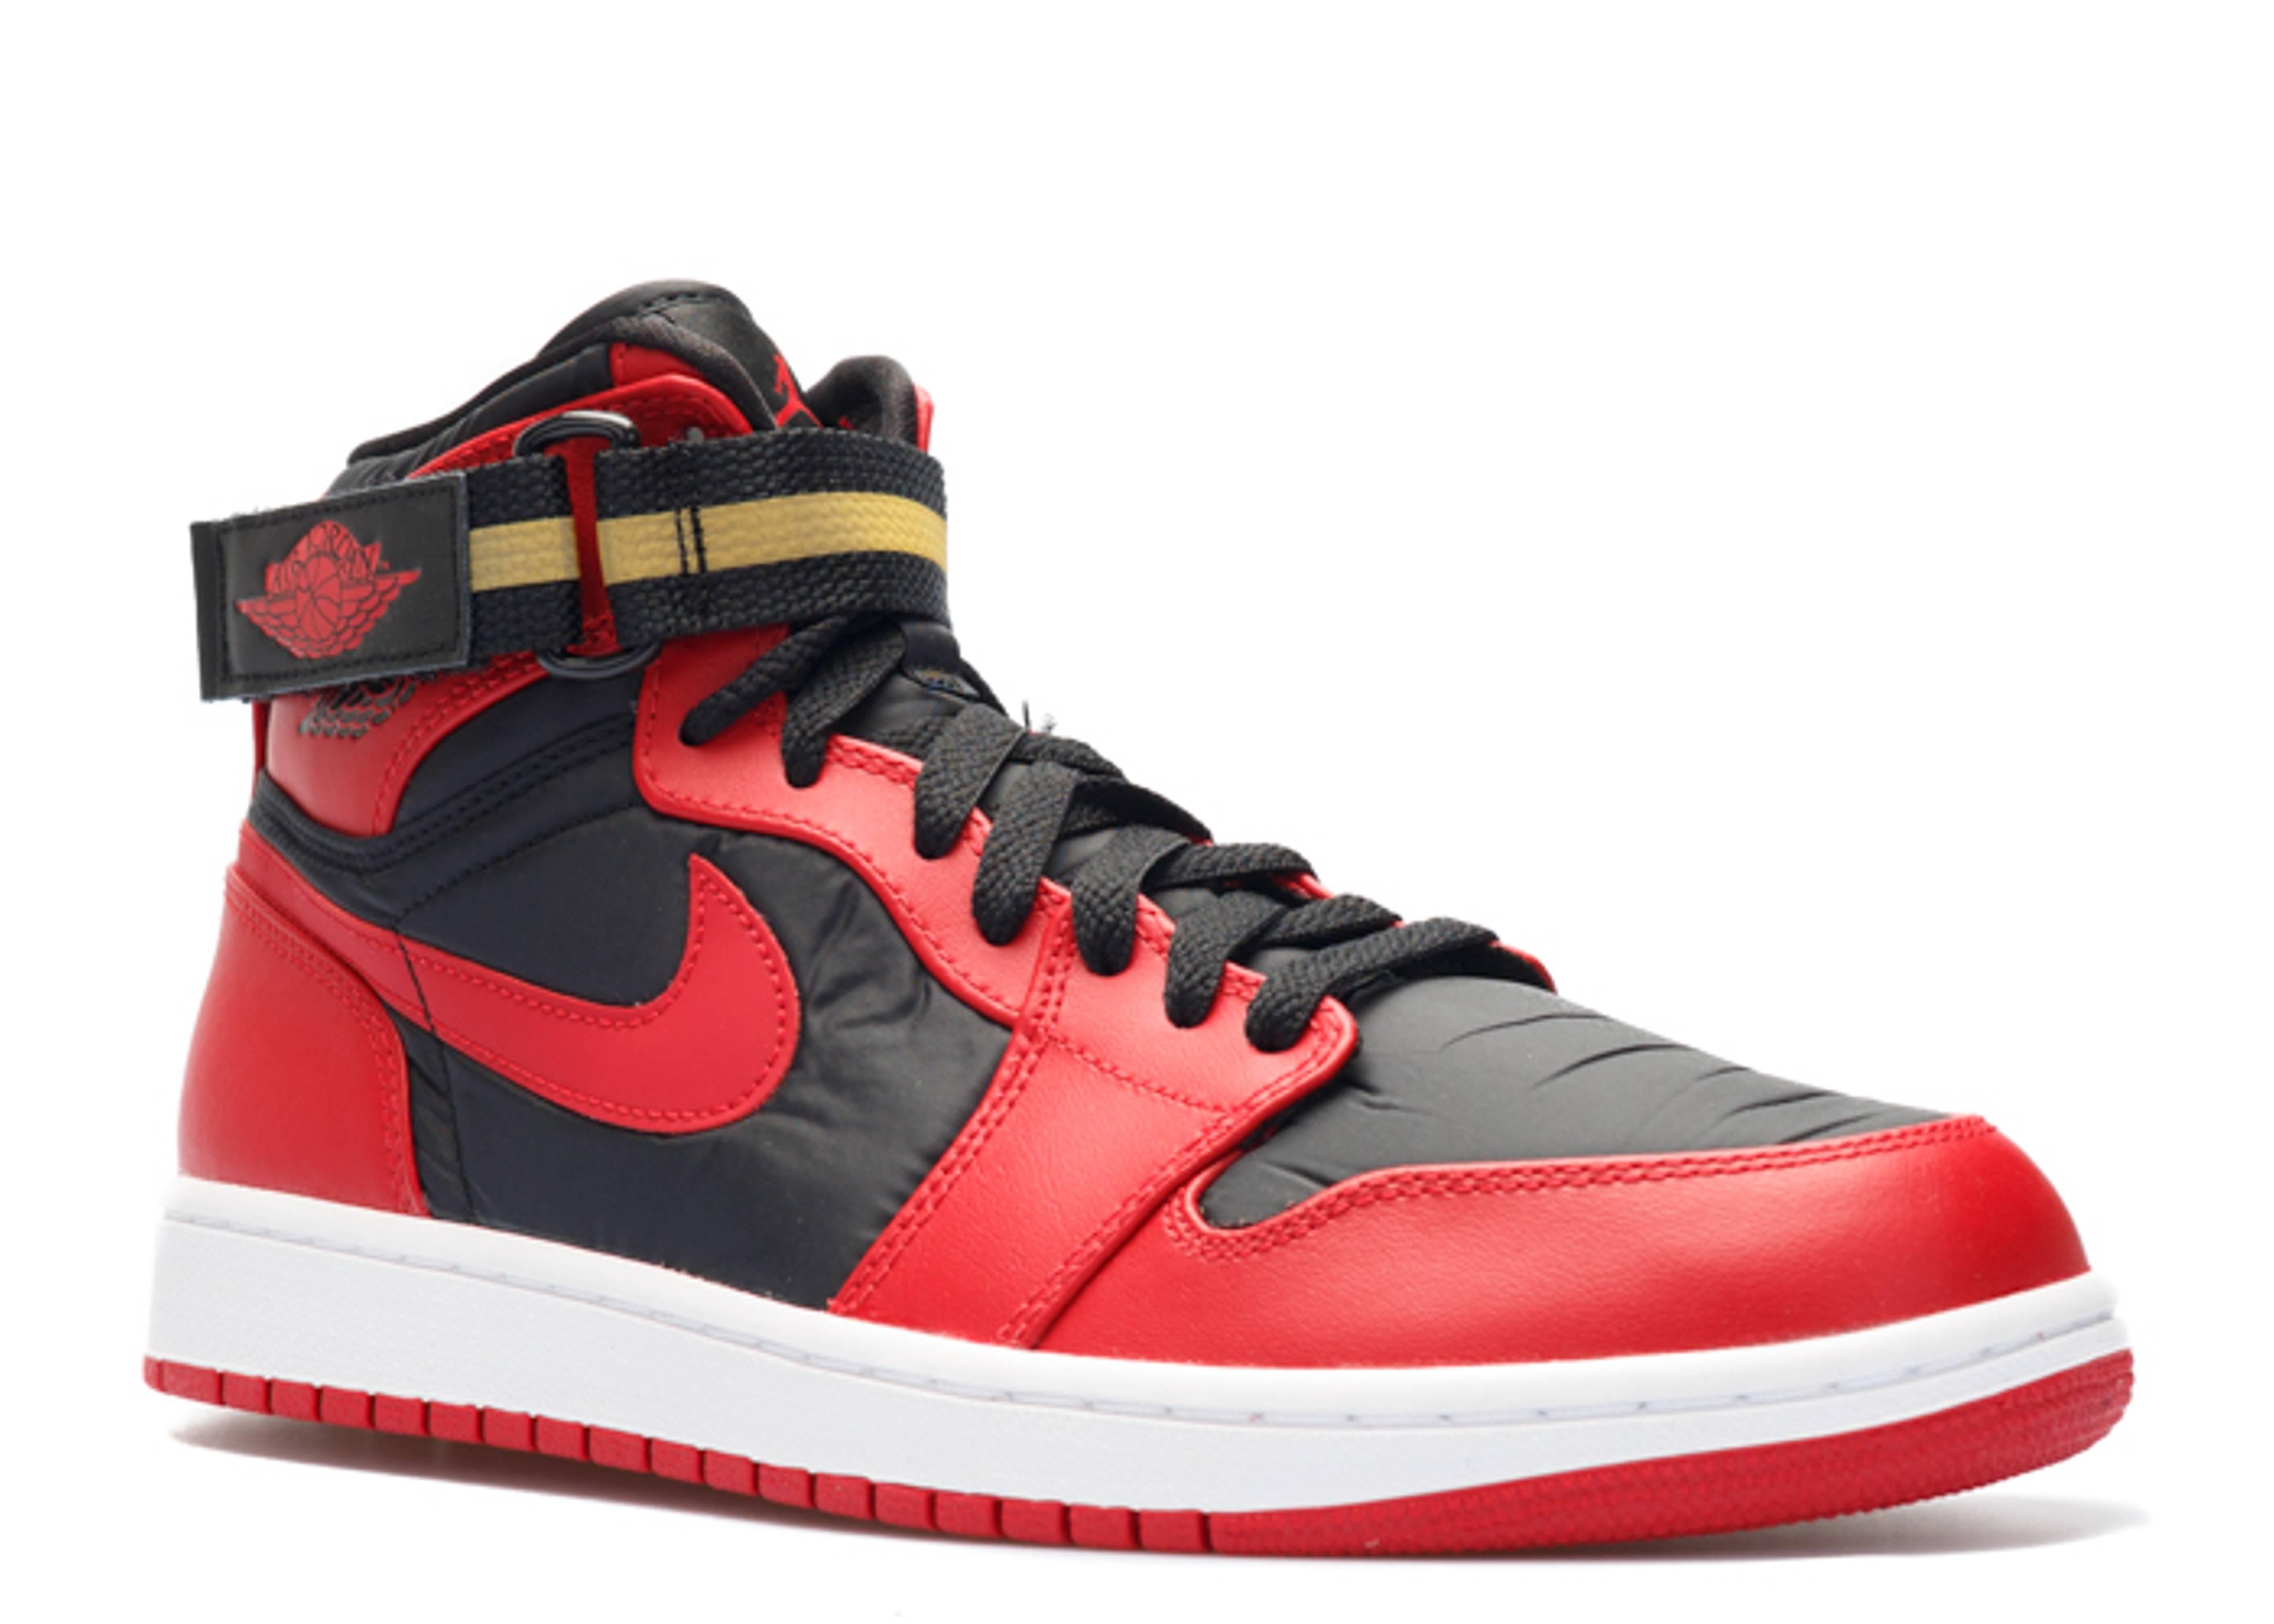 7506e1fd458 Air Jordan 1 High Strap